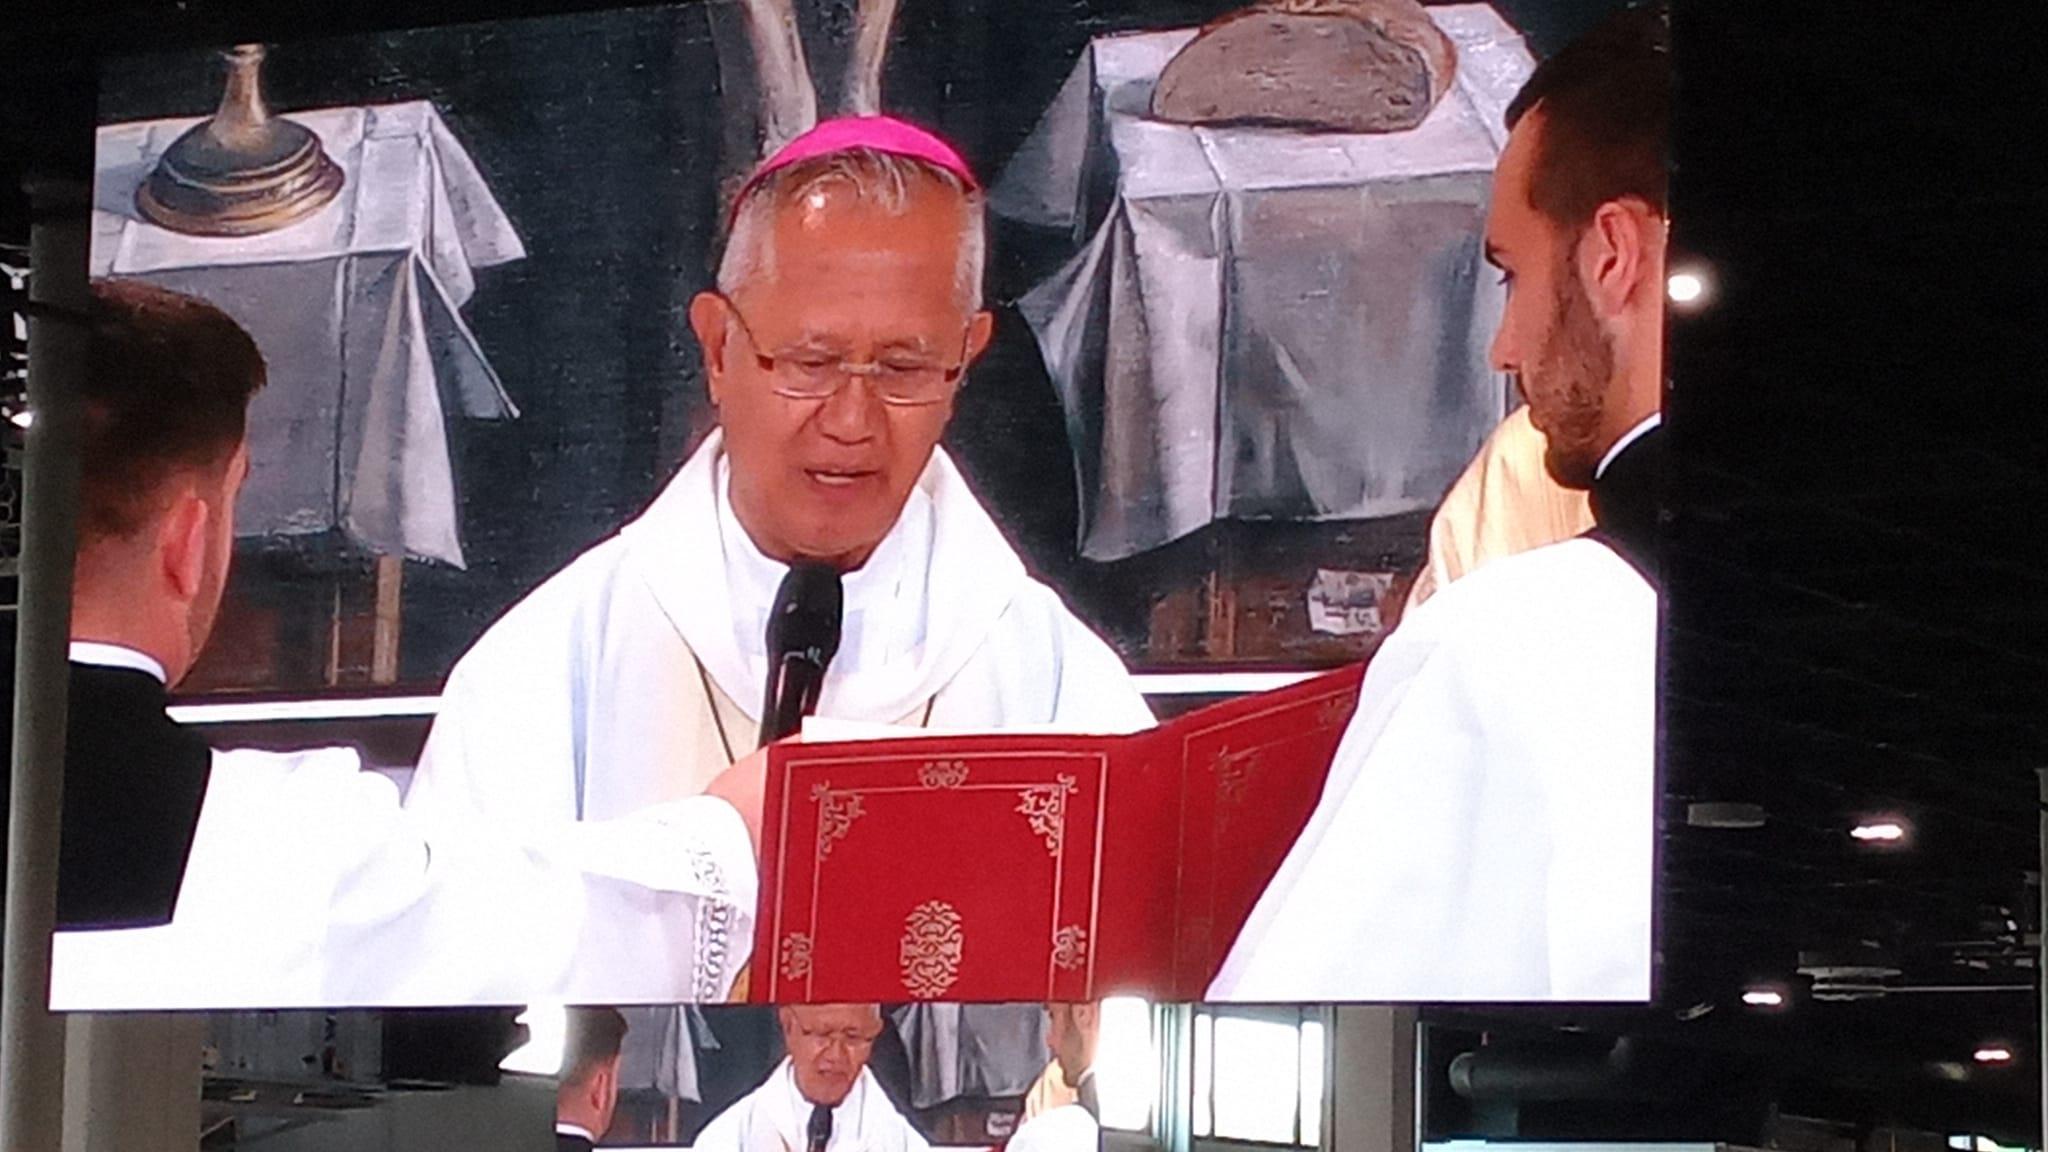 Monseigneur Jose Serofia Palma